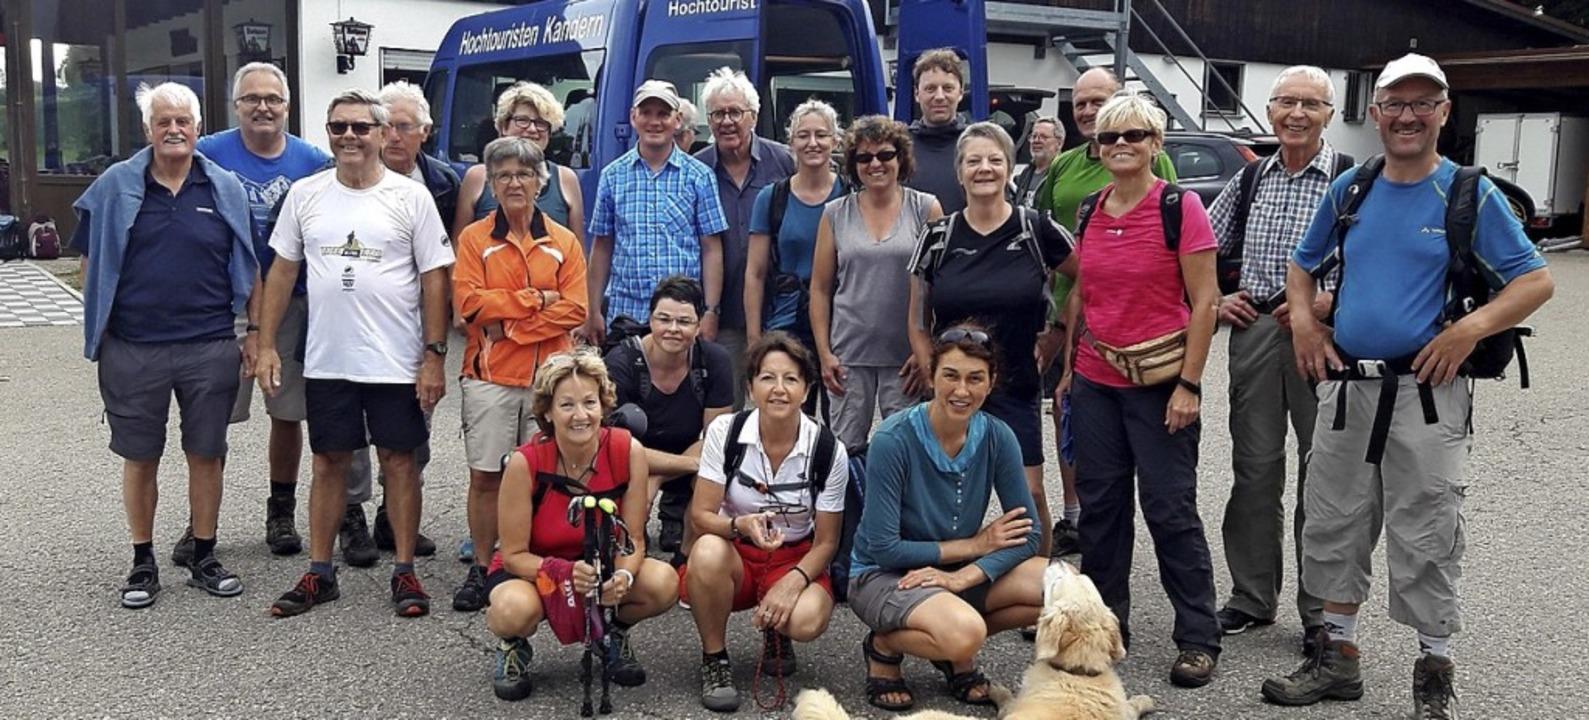 <BZ-FotoAnlauf>Hochtouristen:</BZ-Foto... die Teilnehmer am Hotzenwaldhaus an.   | Foto: Hochtouristen Kandern